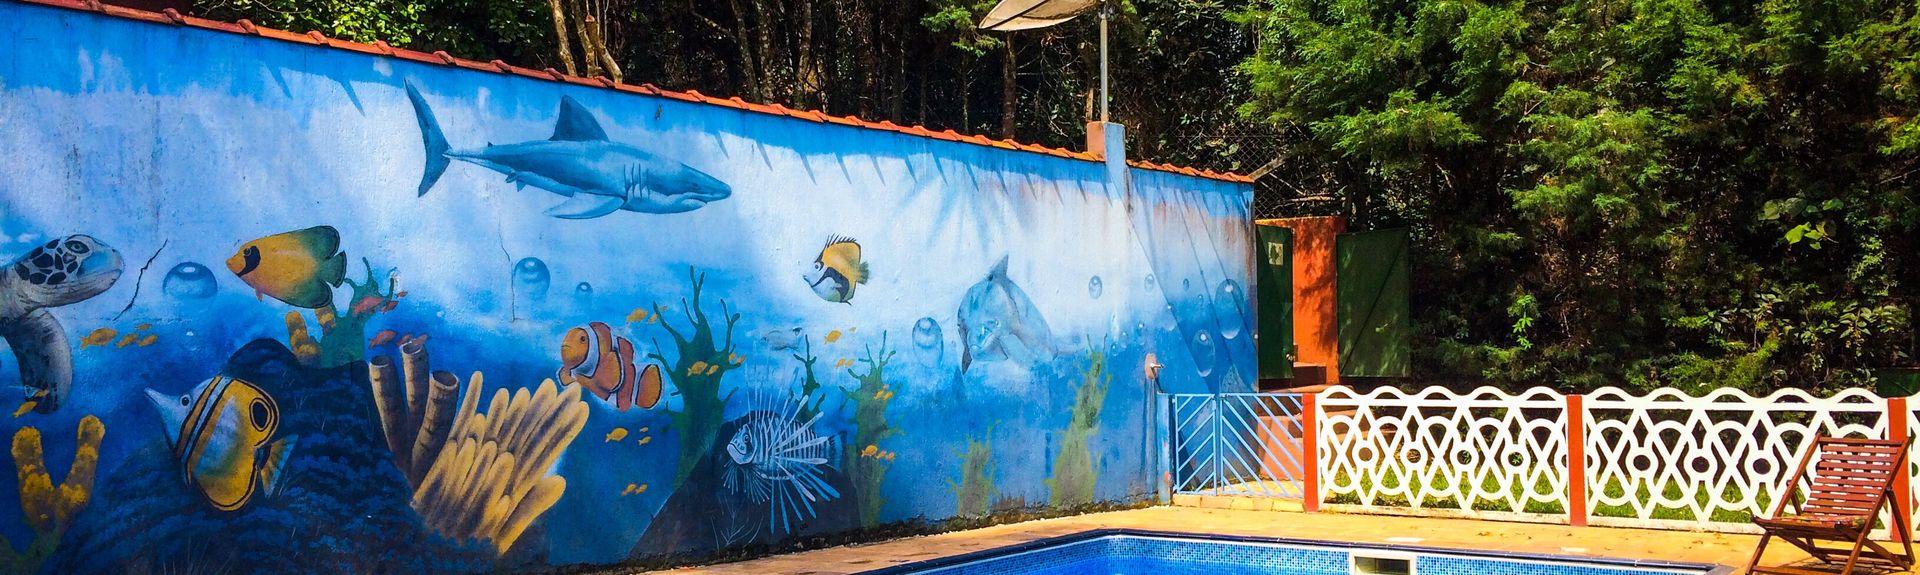 Vila Paula, Mairiporã, État de São Paulo, Brésil